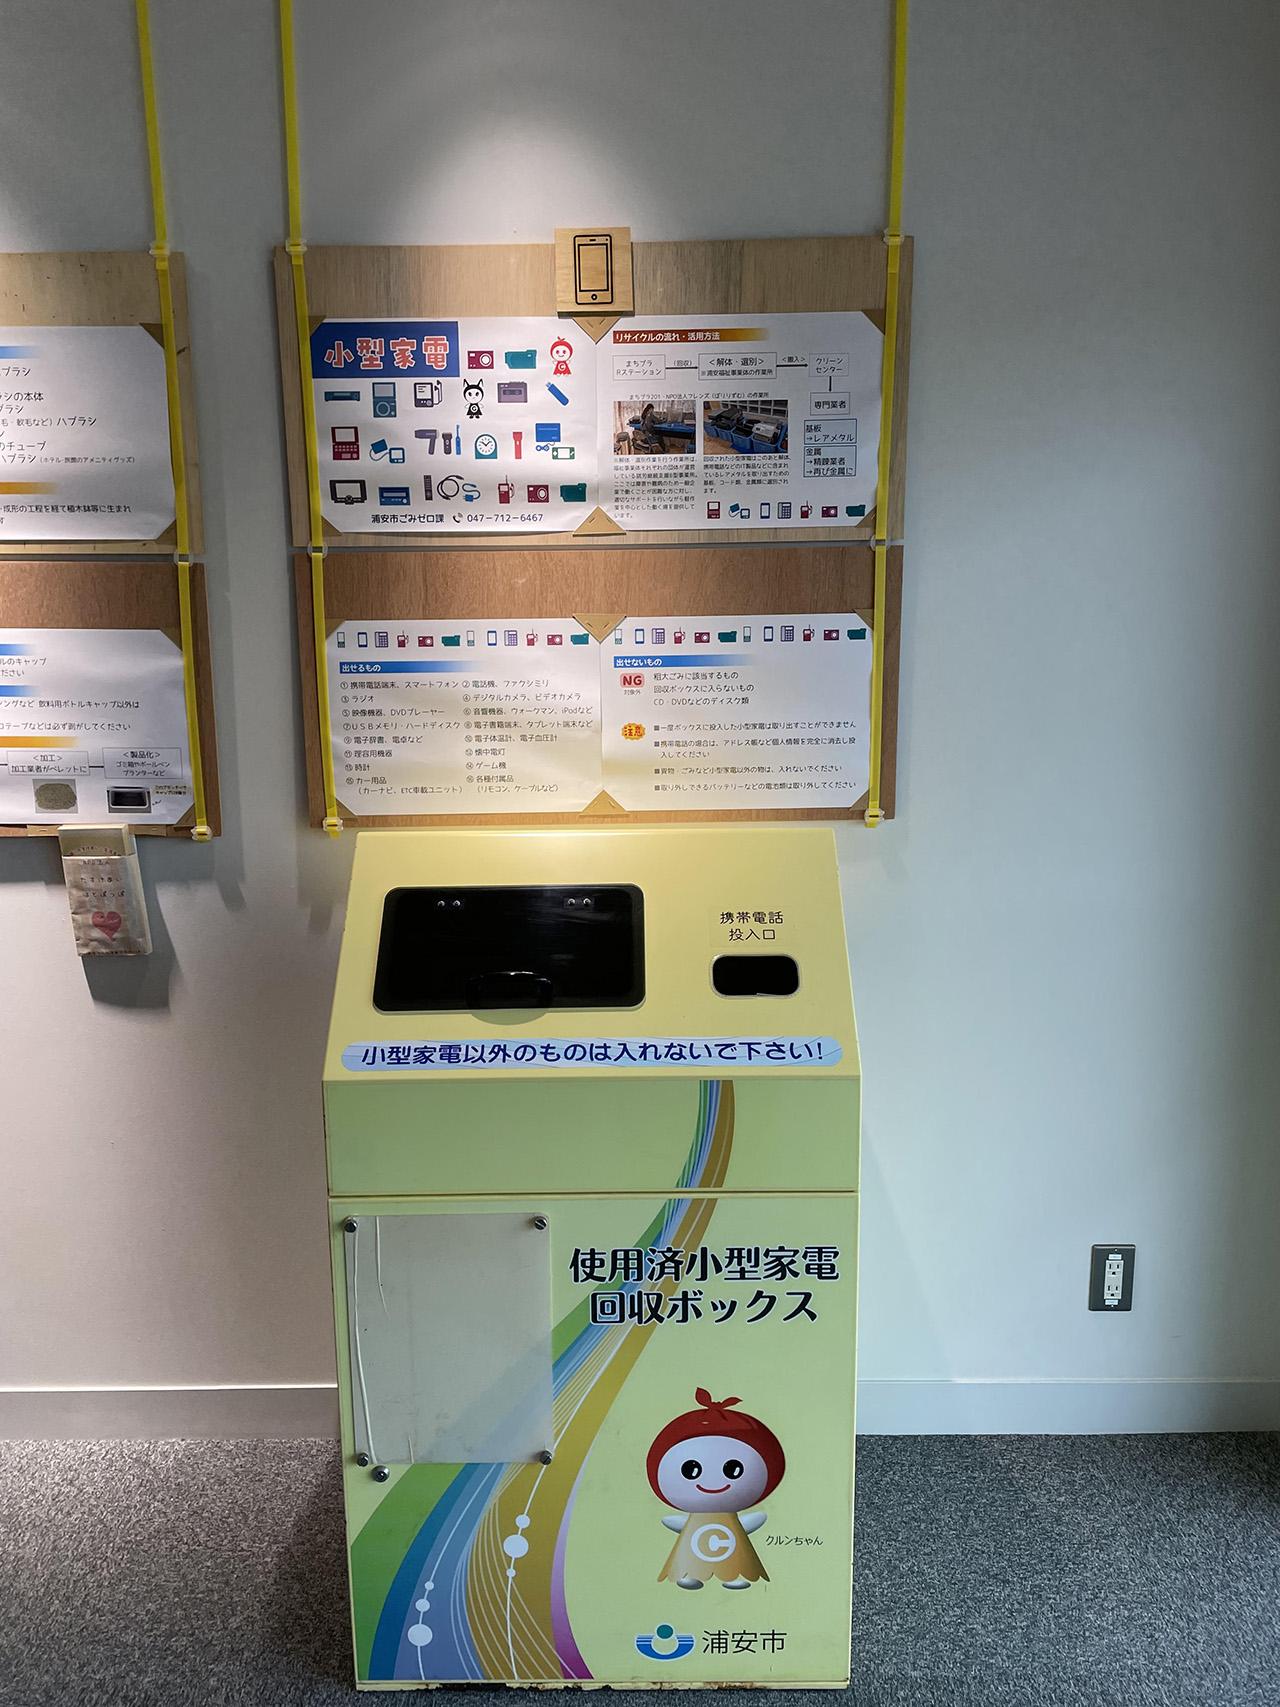 使用済小型家電回収ボックスの写真